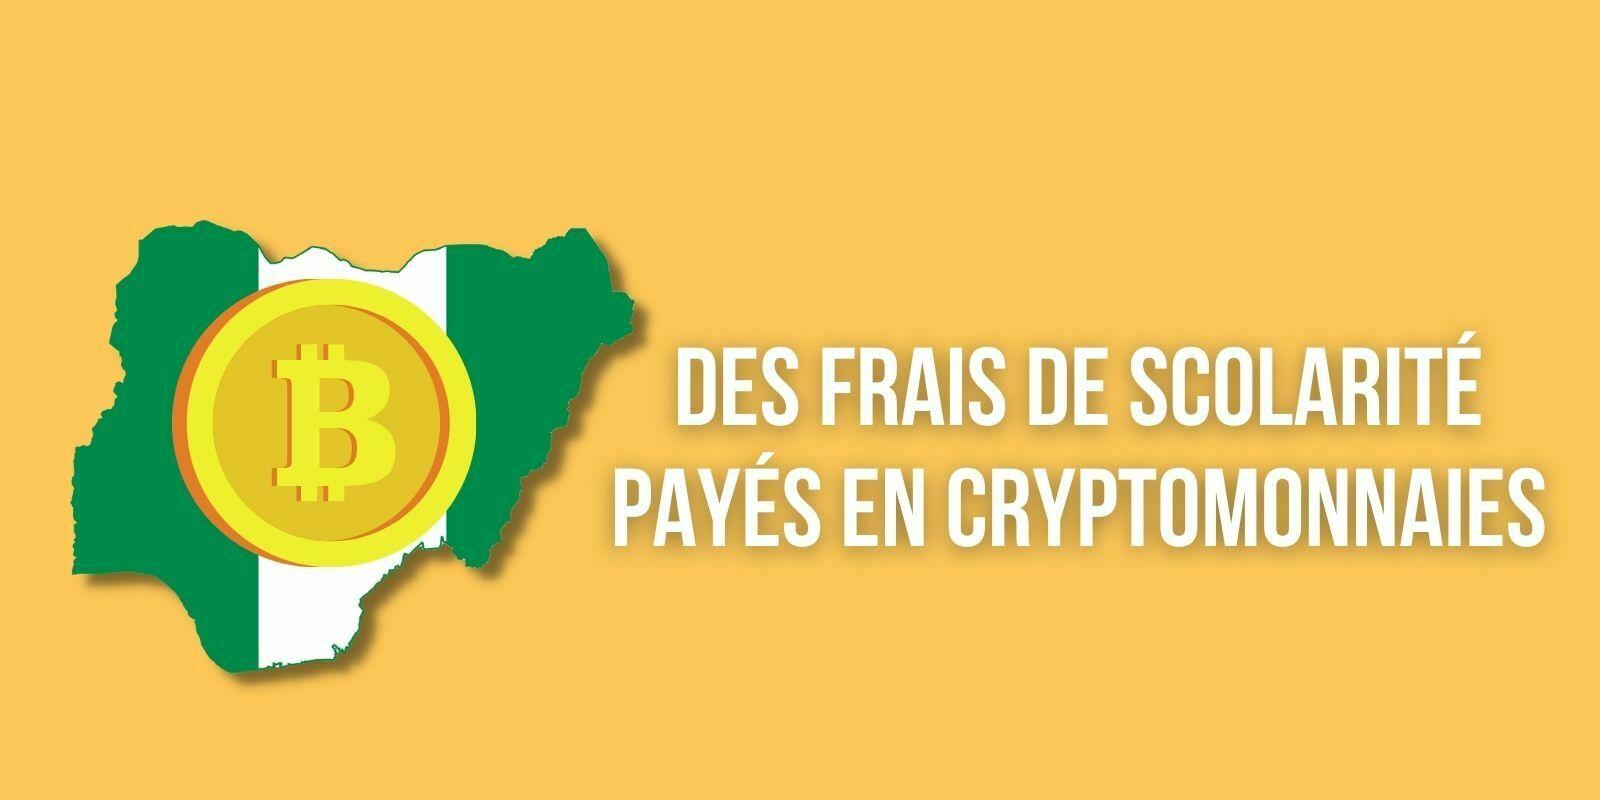 Nigeria : cette école accepte les cryptomonnaies pour le paiement des frais de scolarité